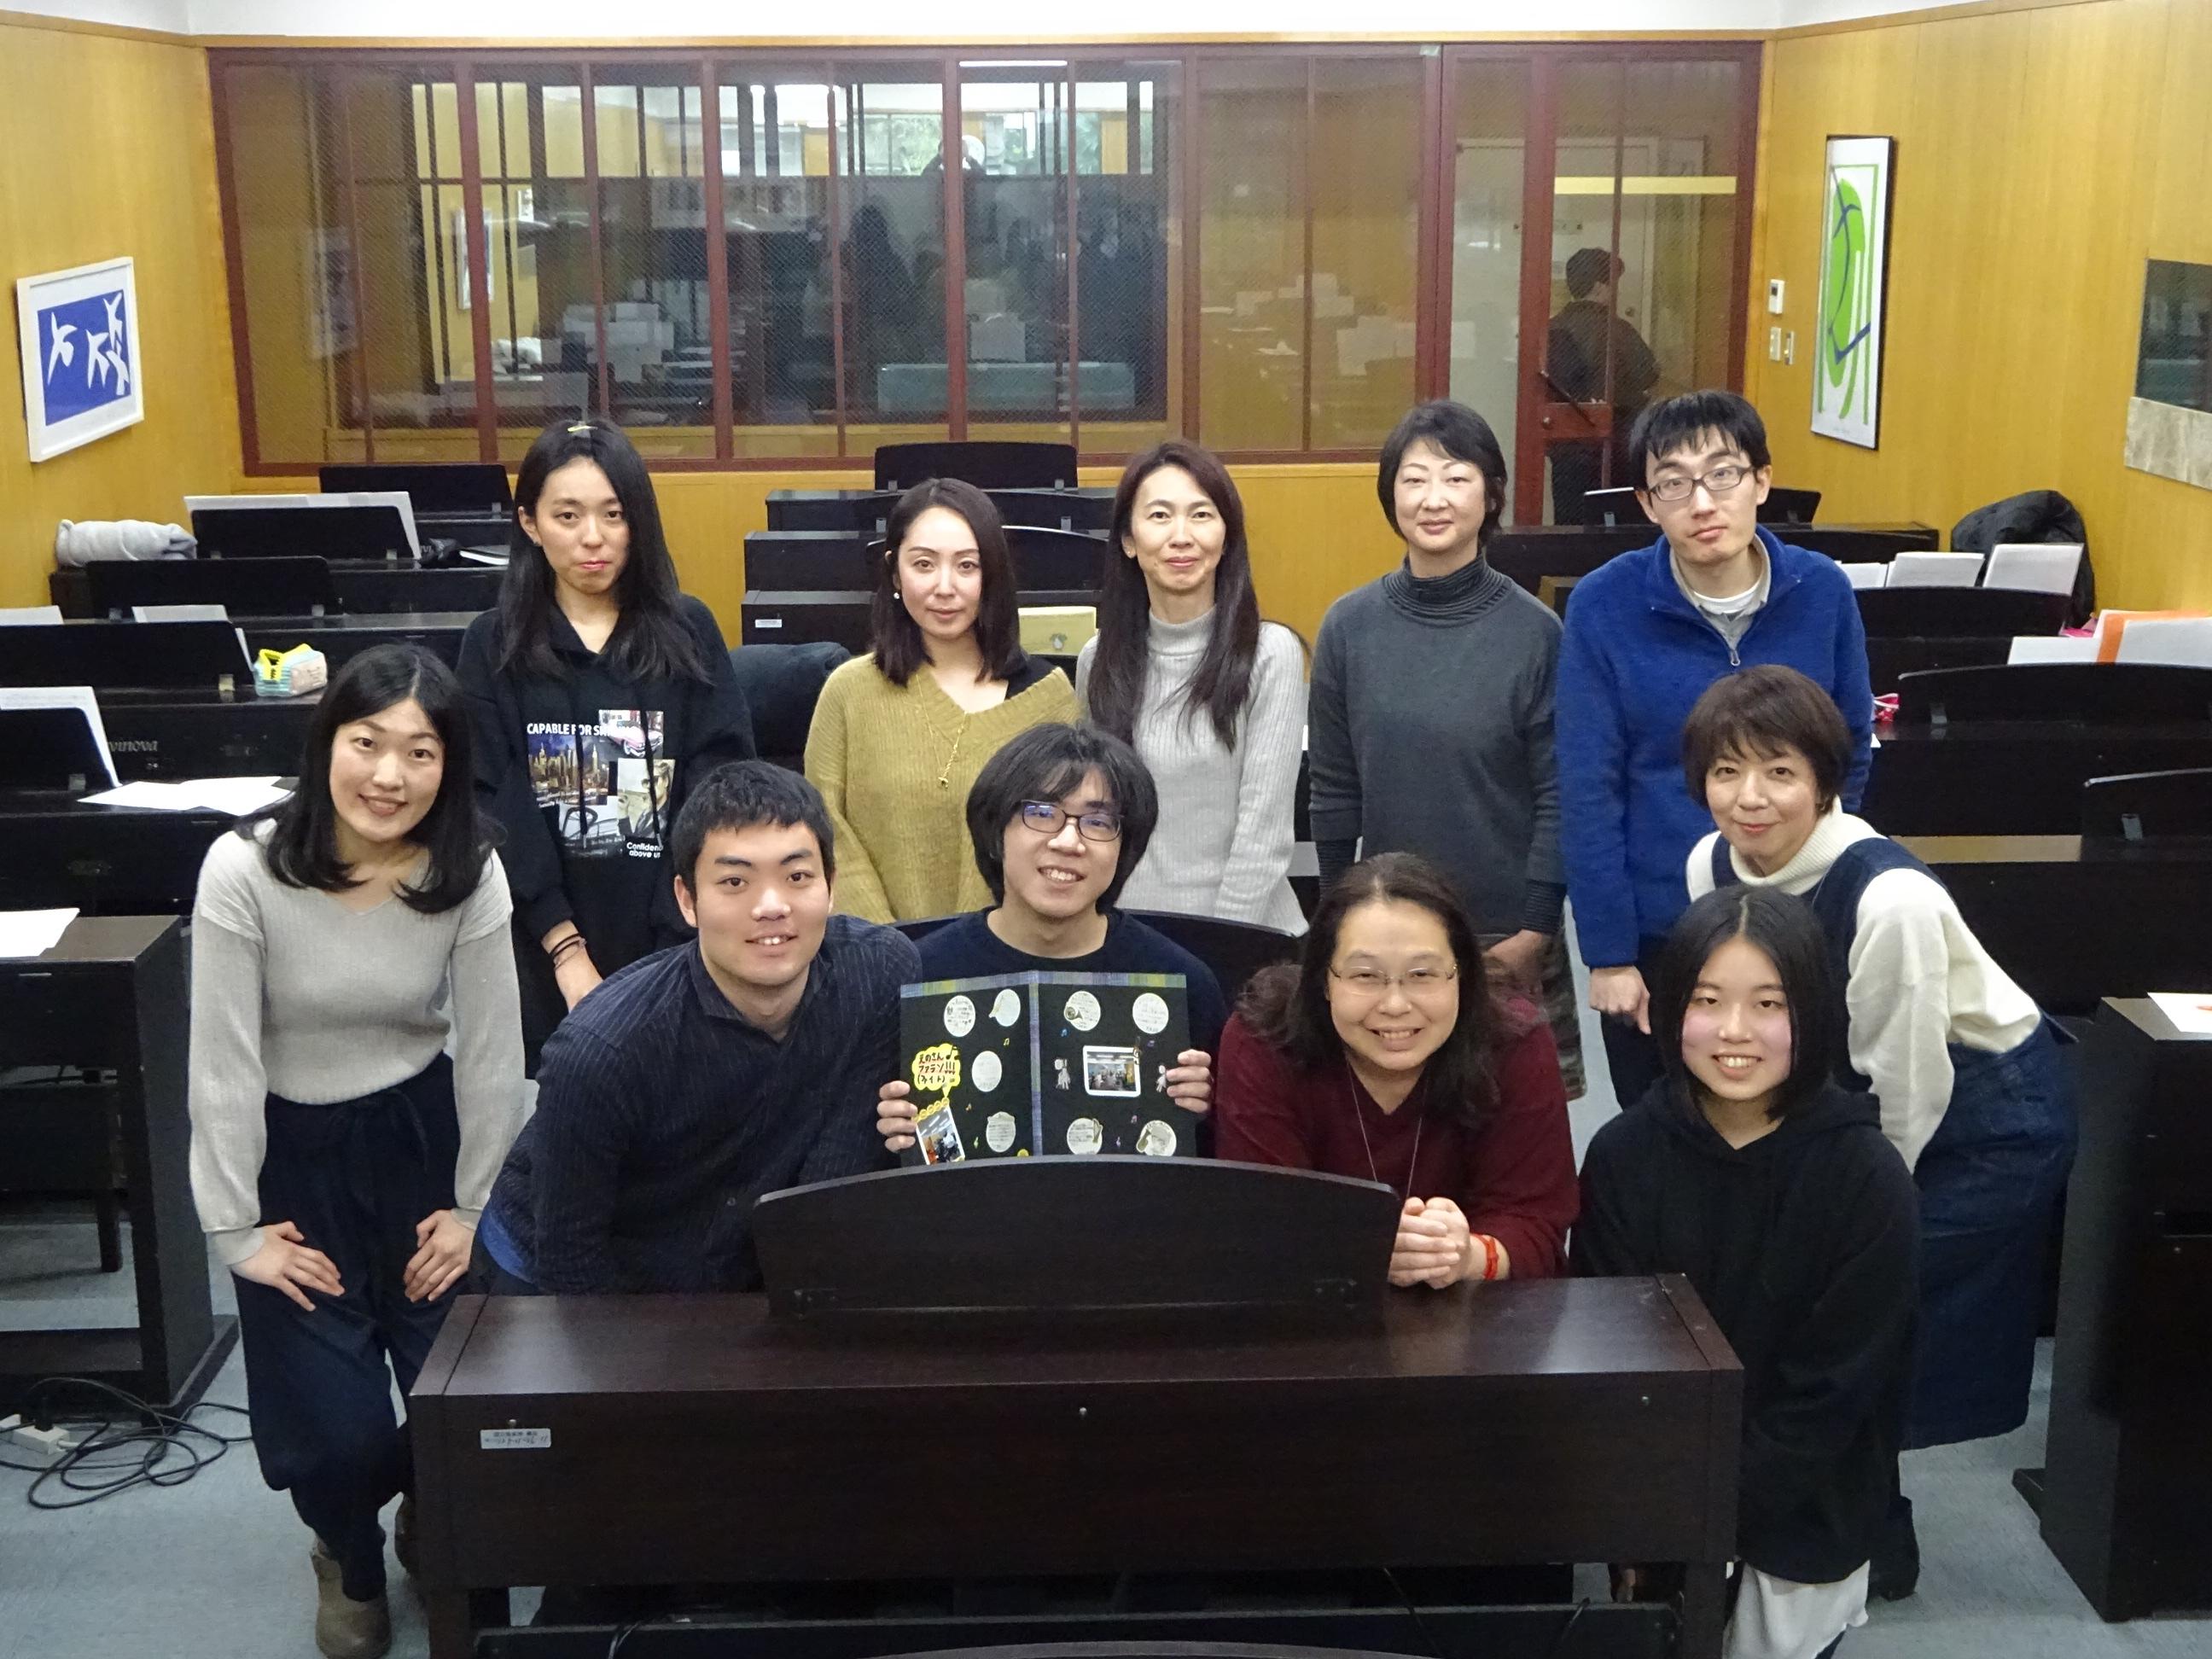 「音大受験実践講座」の受講生10名と園田先生の集合写真。数十台の電子ピアノが並ぶキーボードルーム内で撮影。